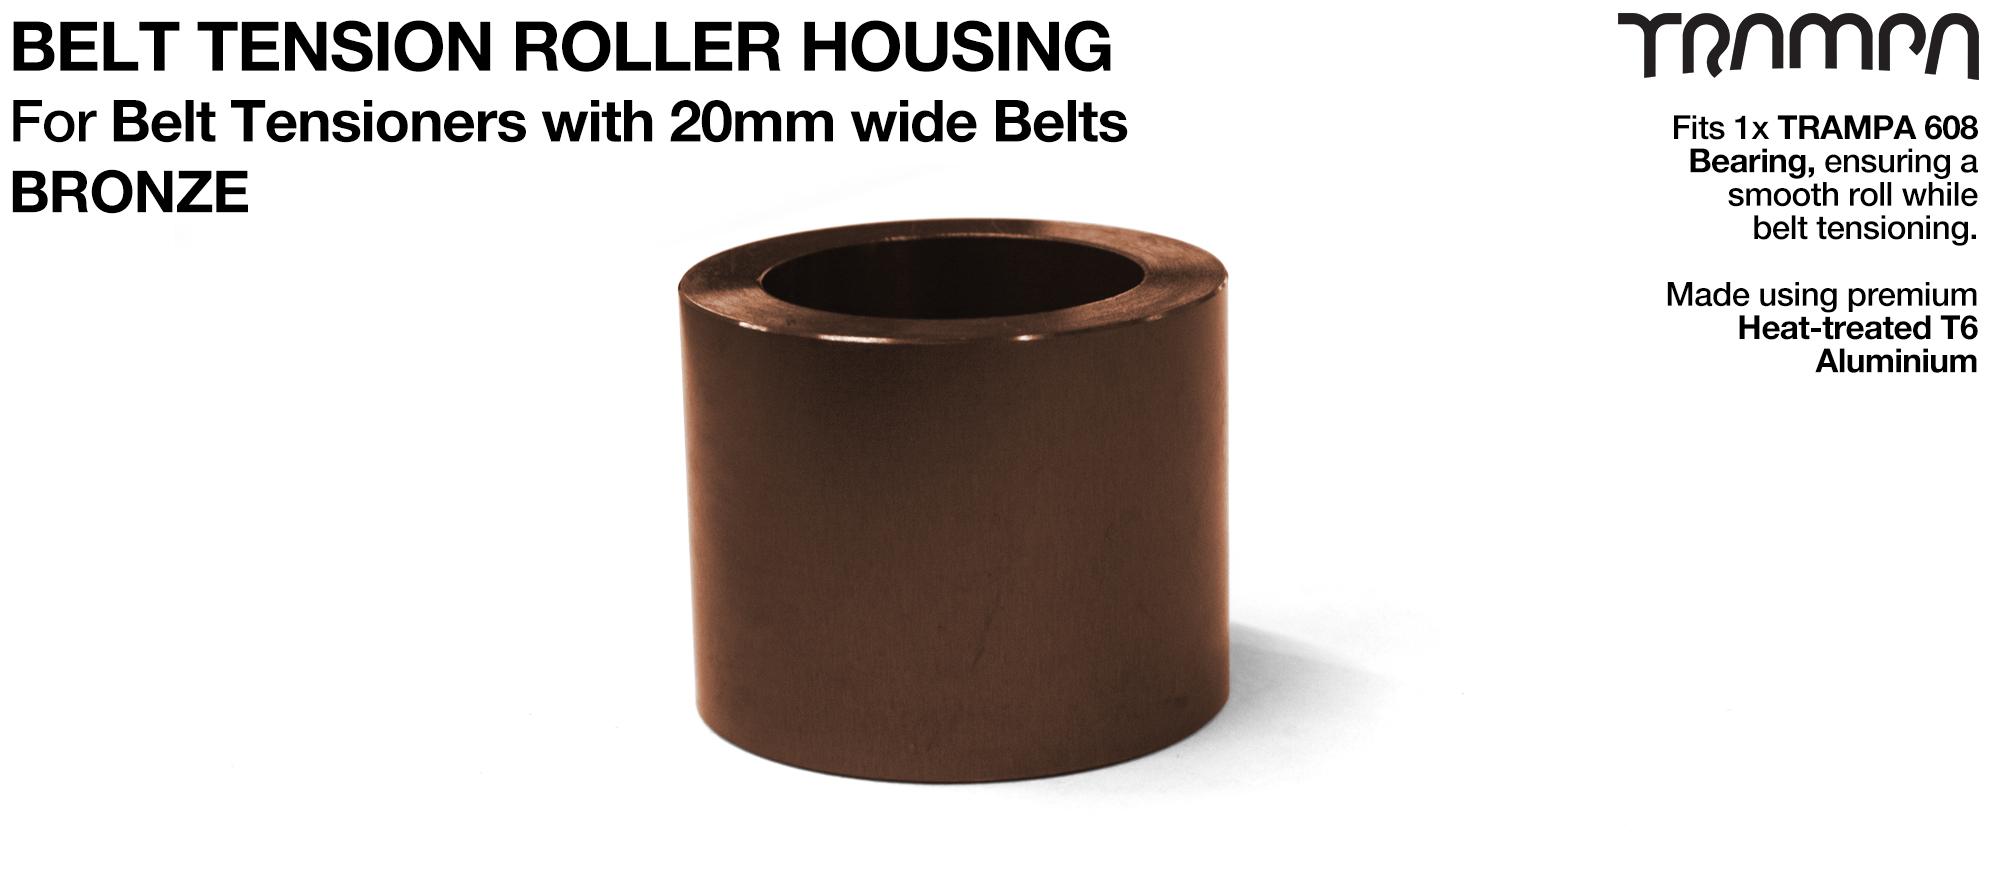 Belt Tension Roller Housing for 20mm Belts - BRONZE